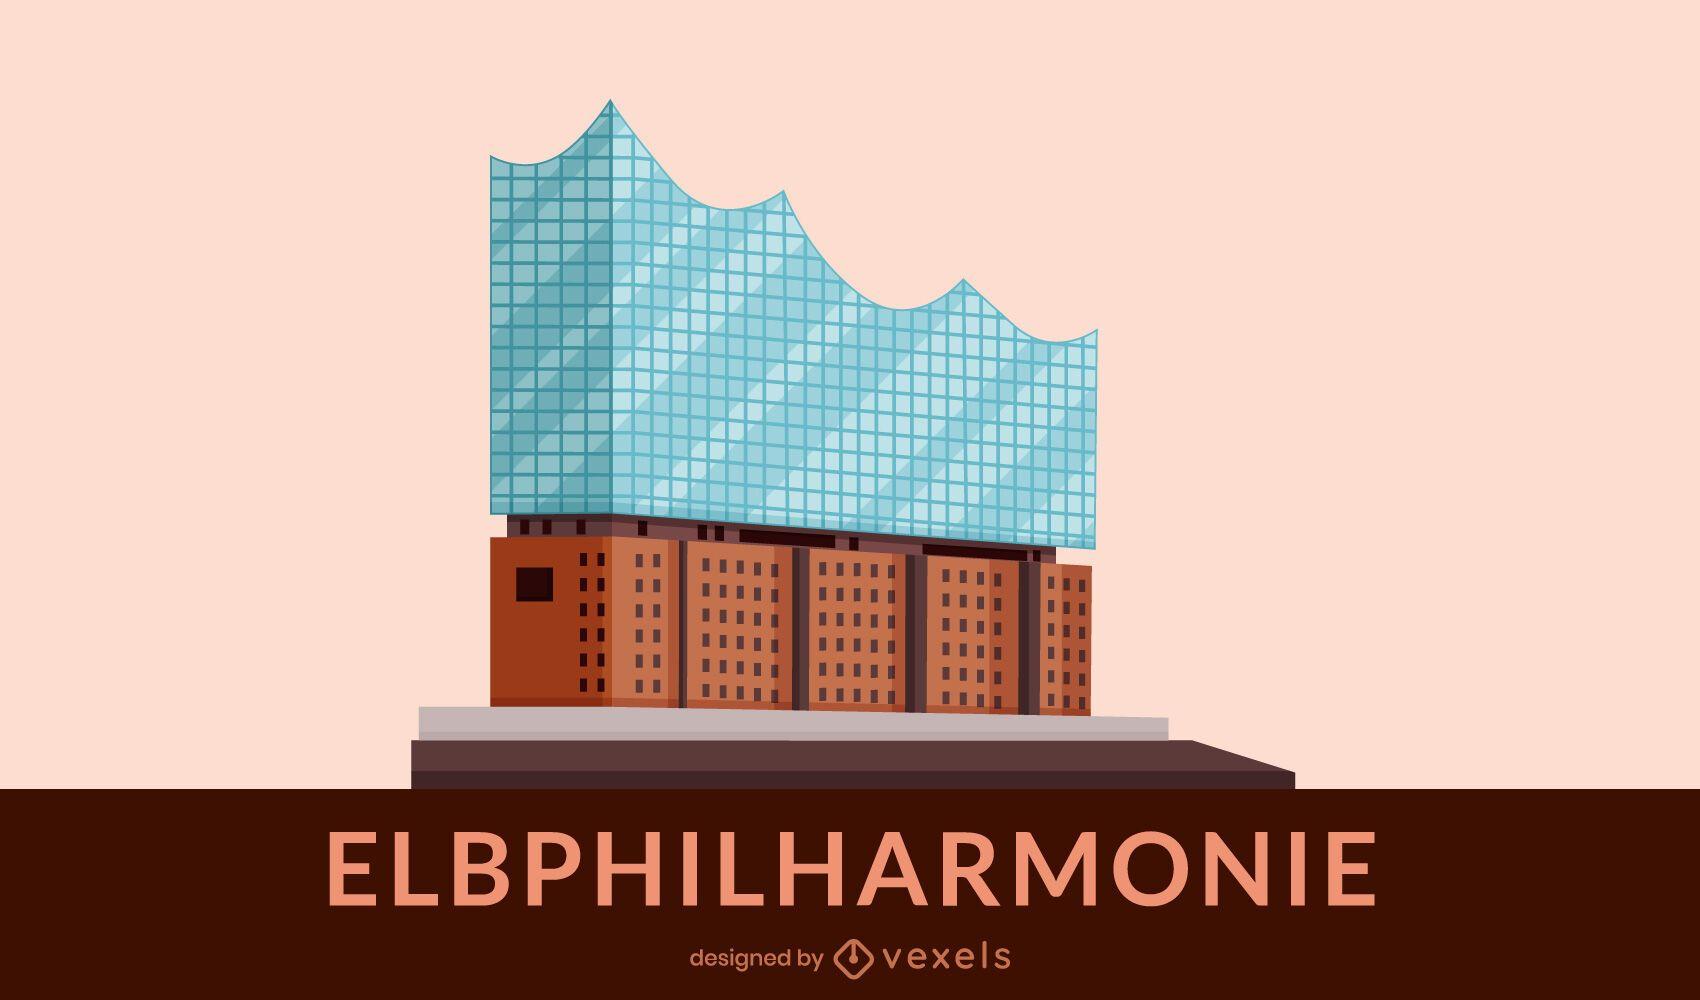 Elbphilharmonie Flat Building Design